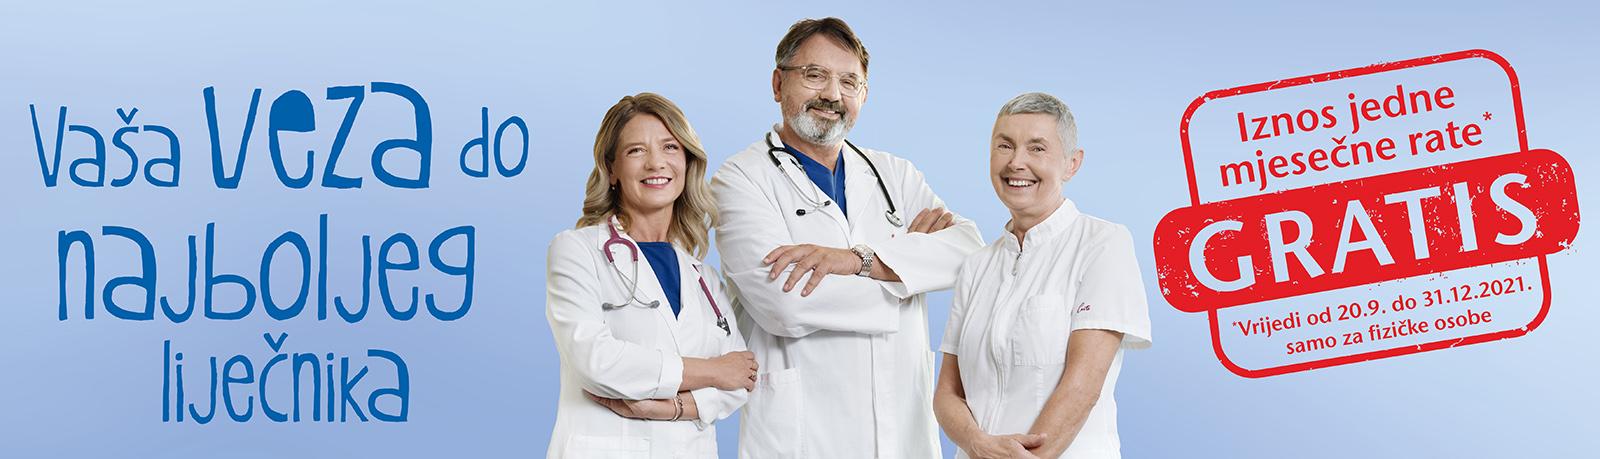 Dodatno zdravstveno osiguranje